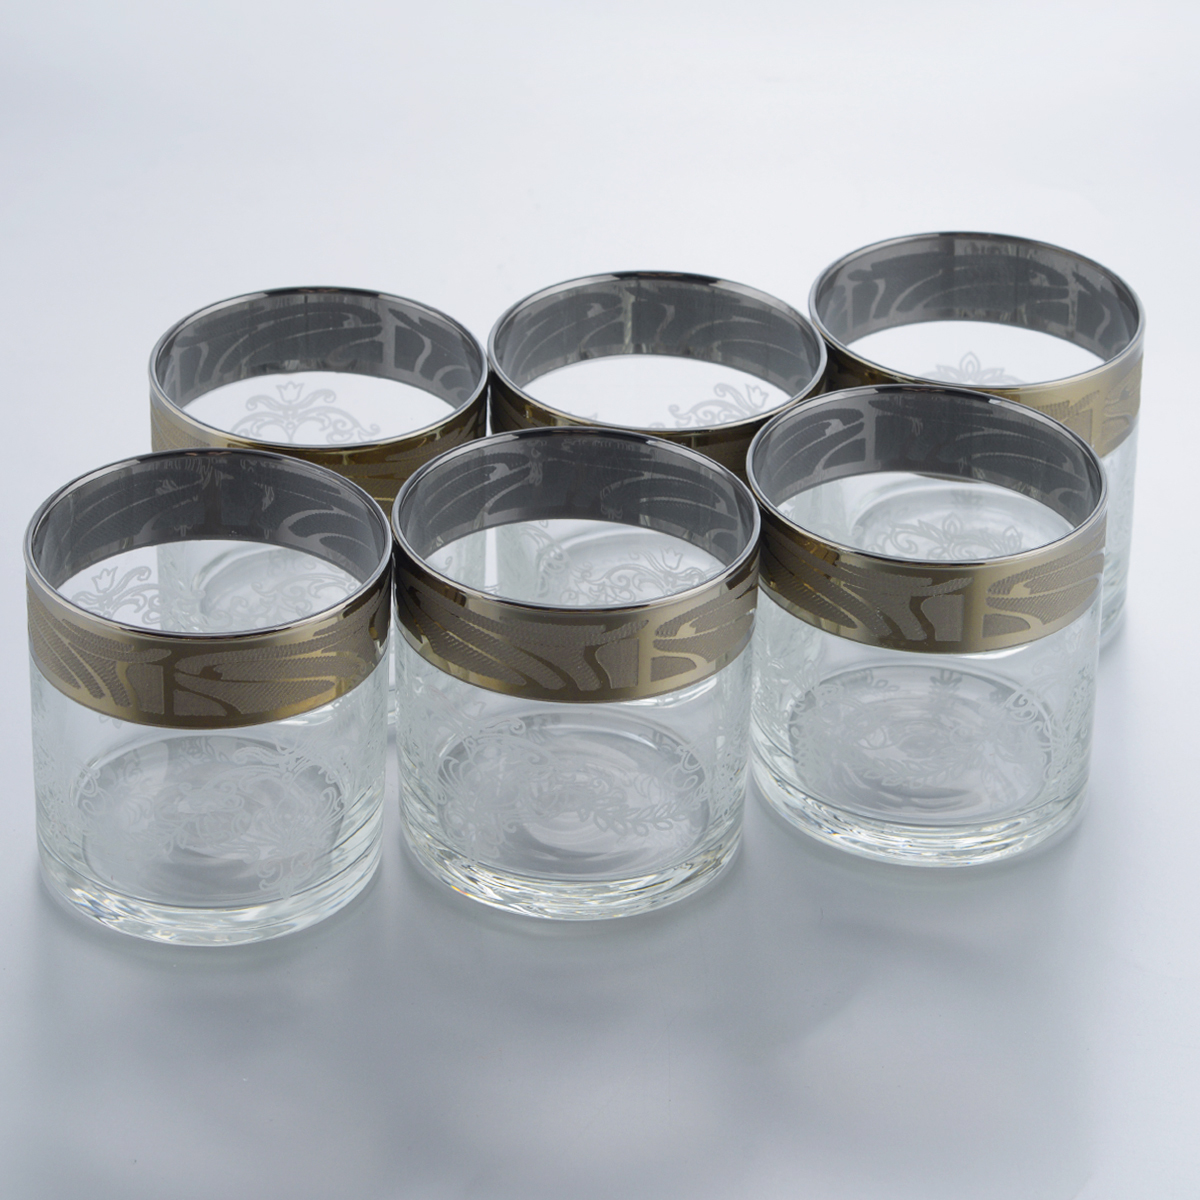 Набор стаканов для виски Гусь-Хрустальный Мускат, 300 мл, 6 штGE05-807Набор Гусь-Хрустальный Мускат состоит из 6 стаканов для виски, изготовленных из высококачественного натрий-кальций-силикатного стекла. Изделия оформлены красивым зеркальным покрытием и белым матовым орнаментом. Такой набор прекрасно дополнит праздничный стол и станет желанным подарком в любом доме. Разрешается мыть в посудомоечной машине. Диаметр стакана (по верхнему краю): 7,7 см. Высота стакана: 8,2 см.